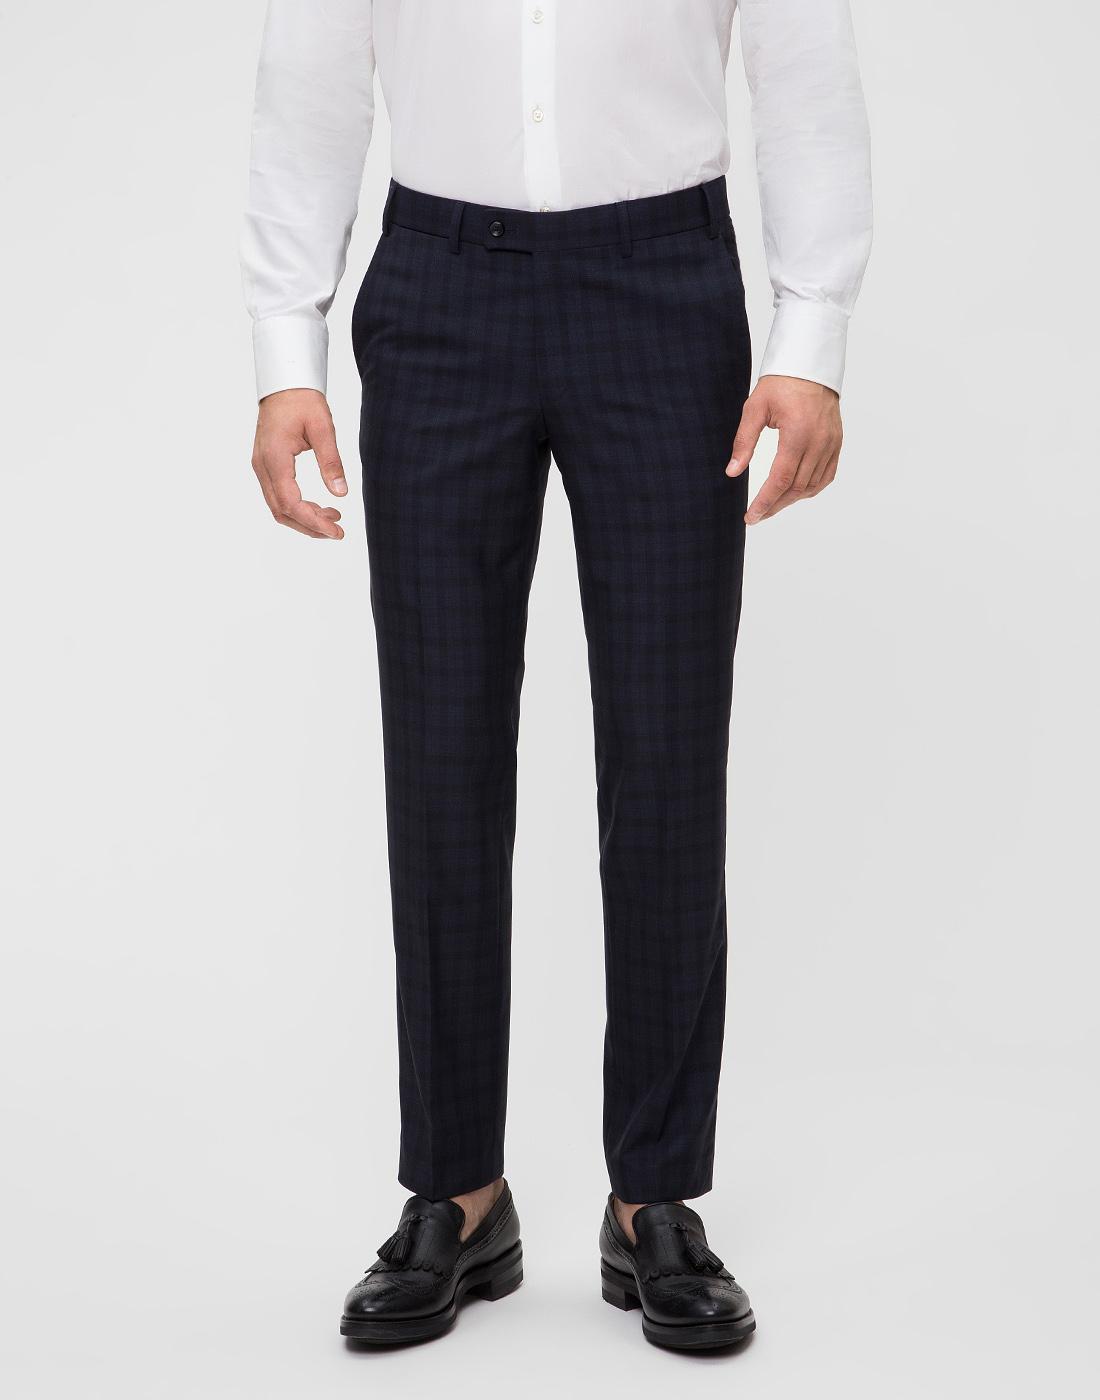 Мужские темно-синие брюки Hiltl  S13173 40 34600-2